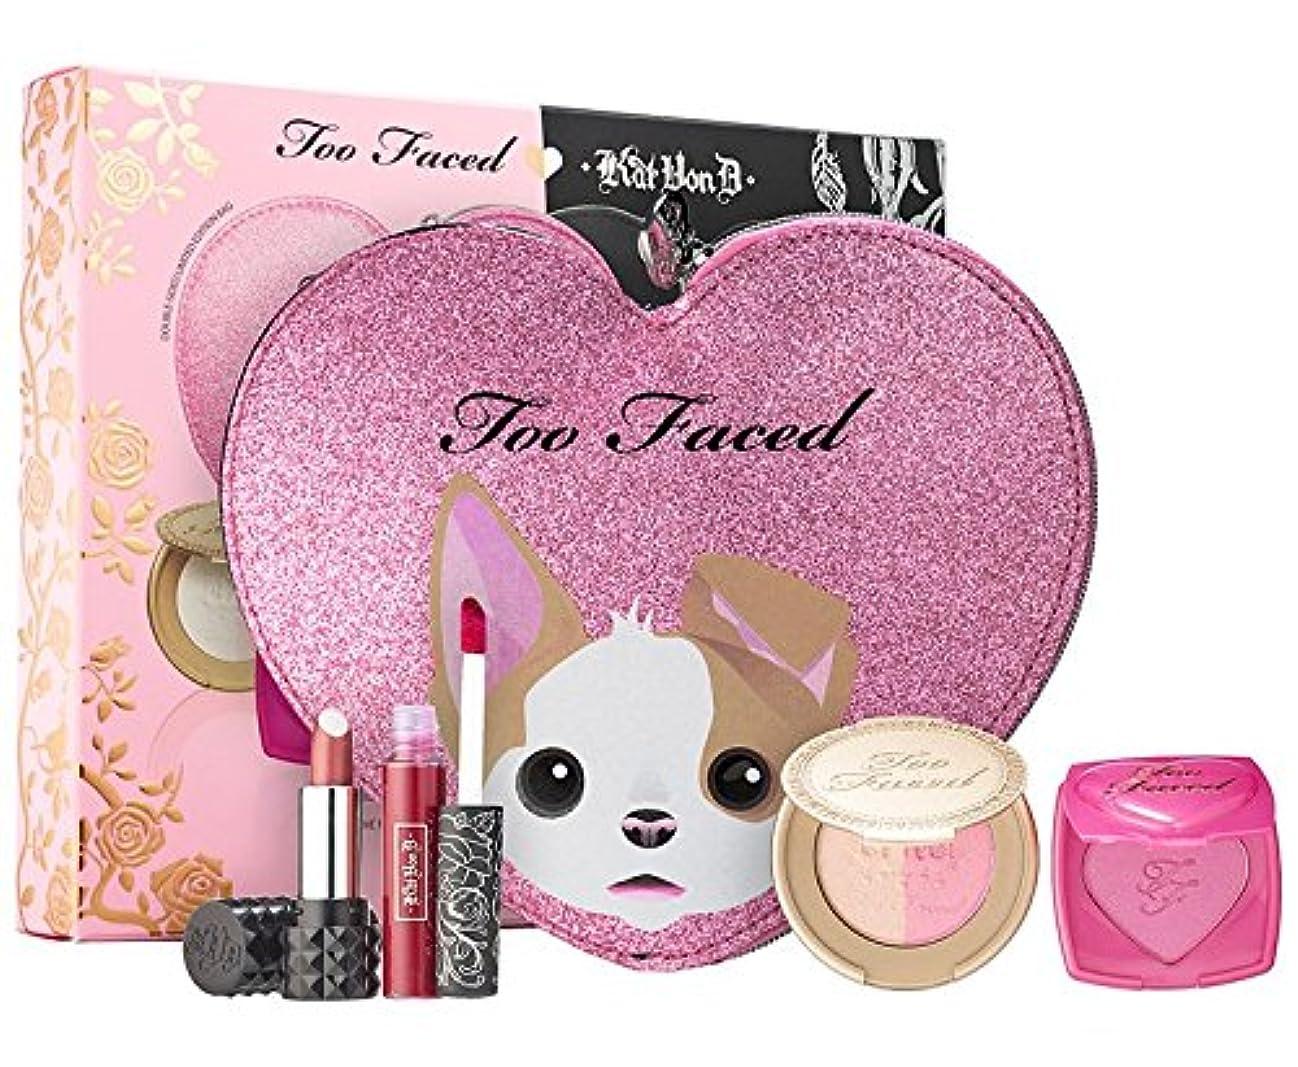 挑発する忠誠放棄Too Faced x Kat Von D ~ Better Together Cheek & Lip Makeup Bag Set ~ Limited Edition